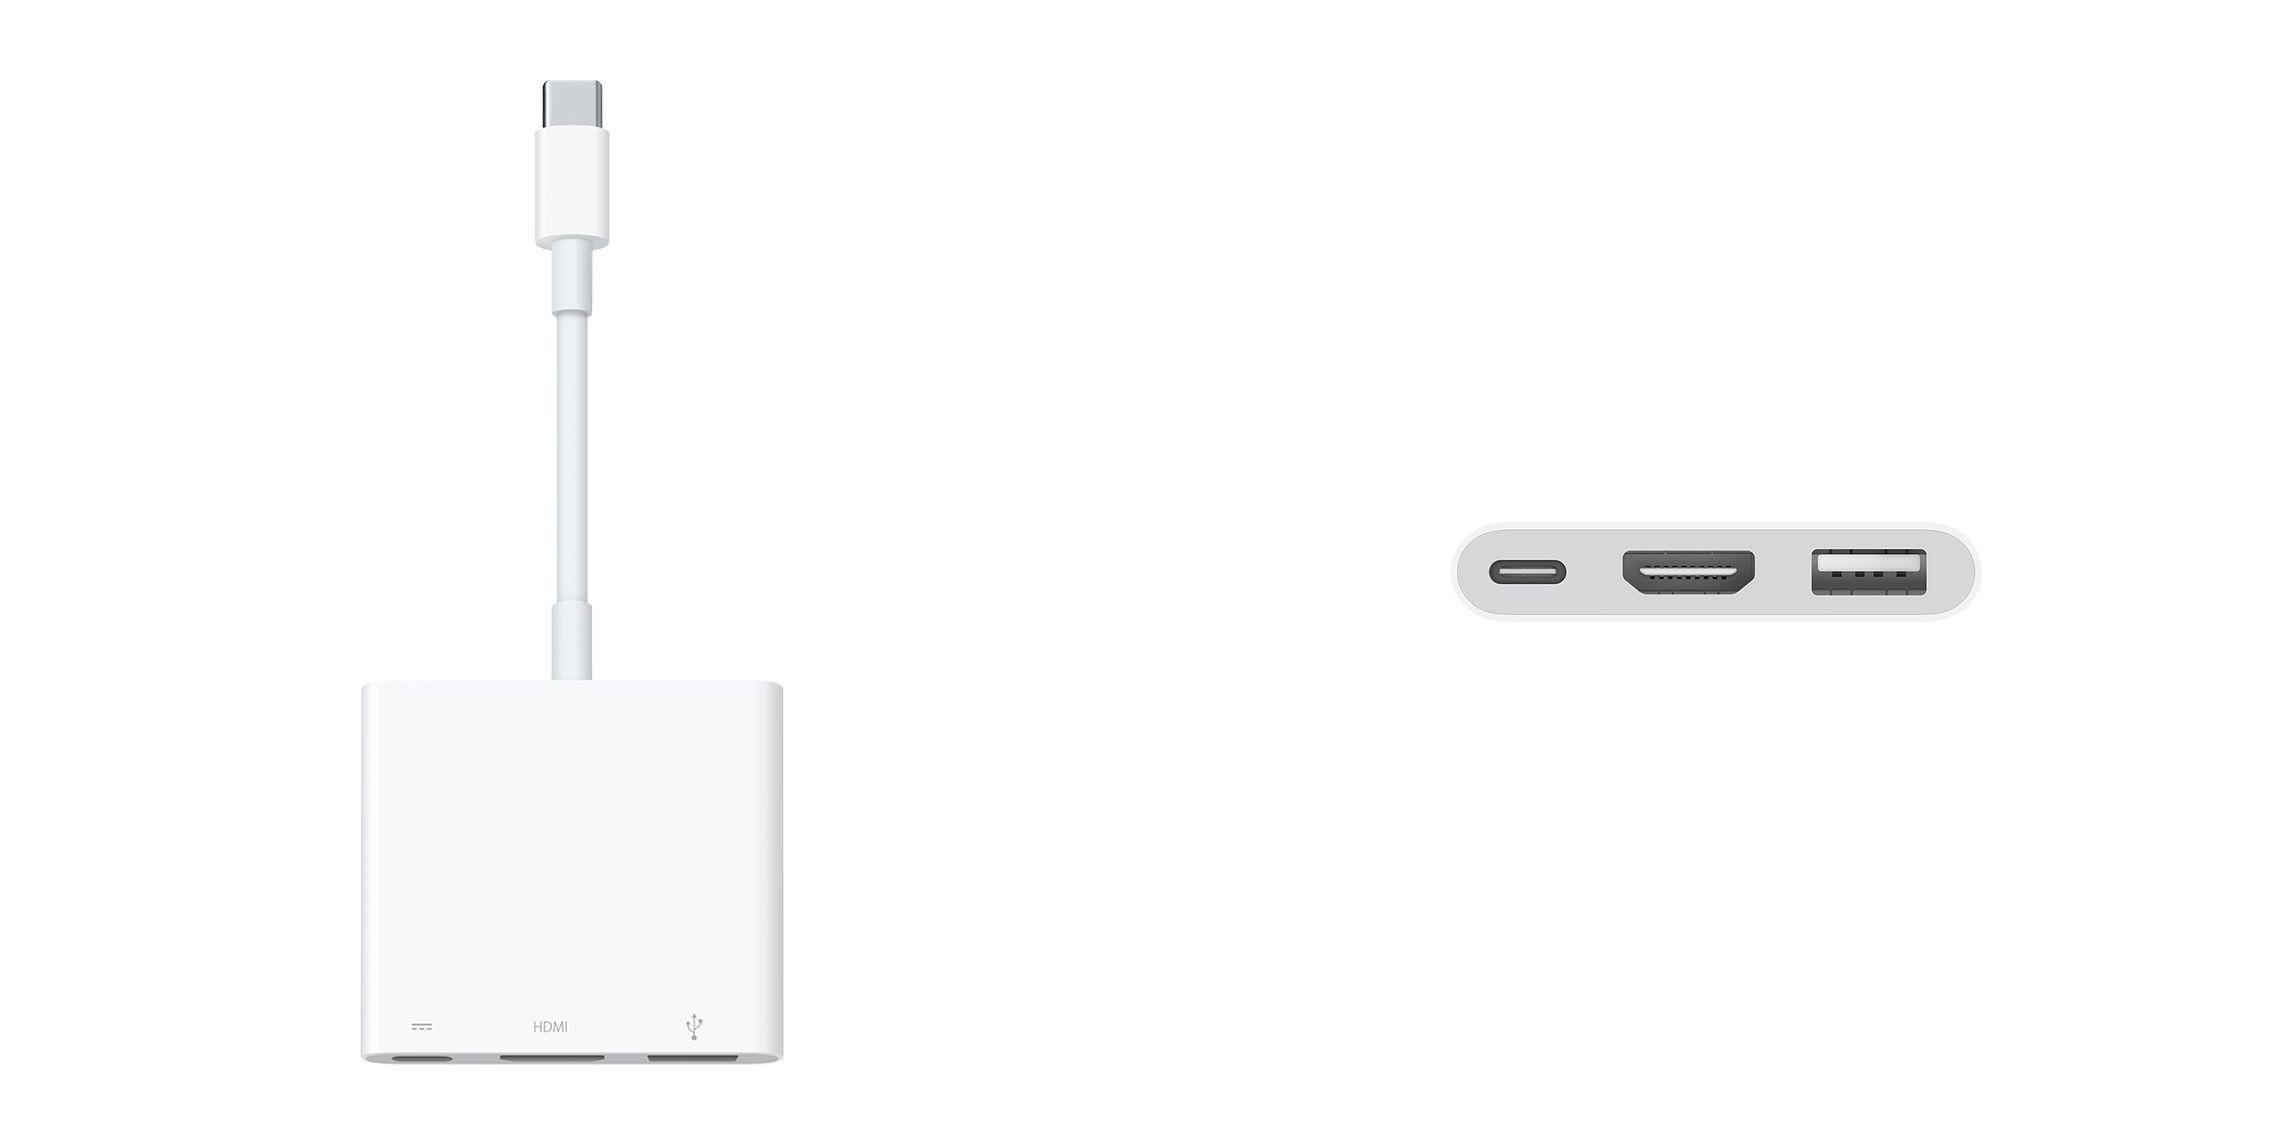 Usb C Digital Av Multiport Adapter